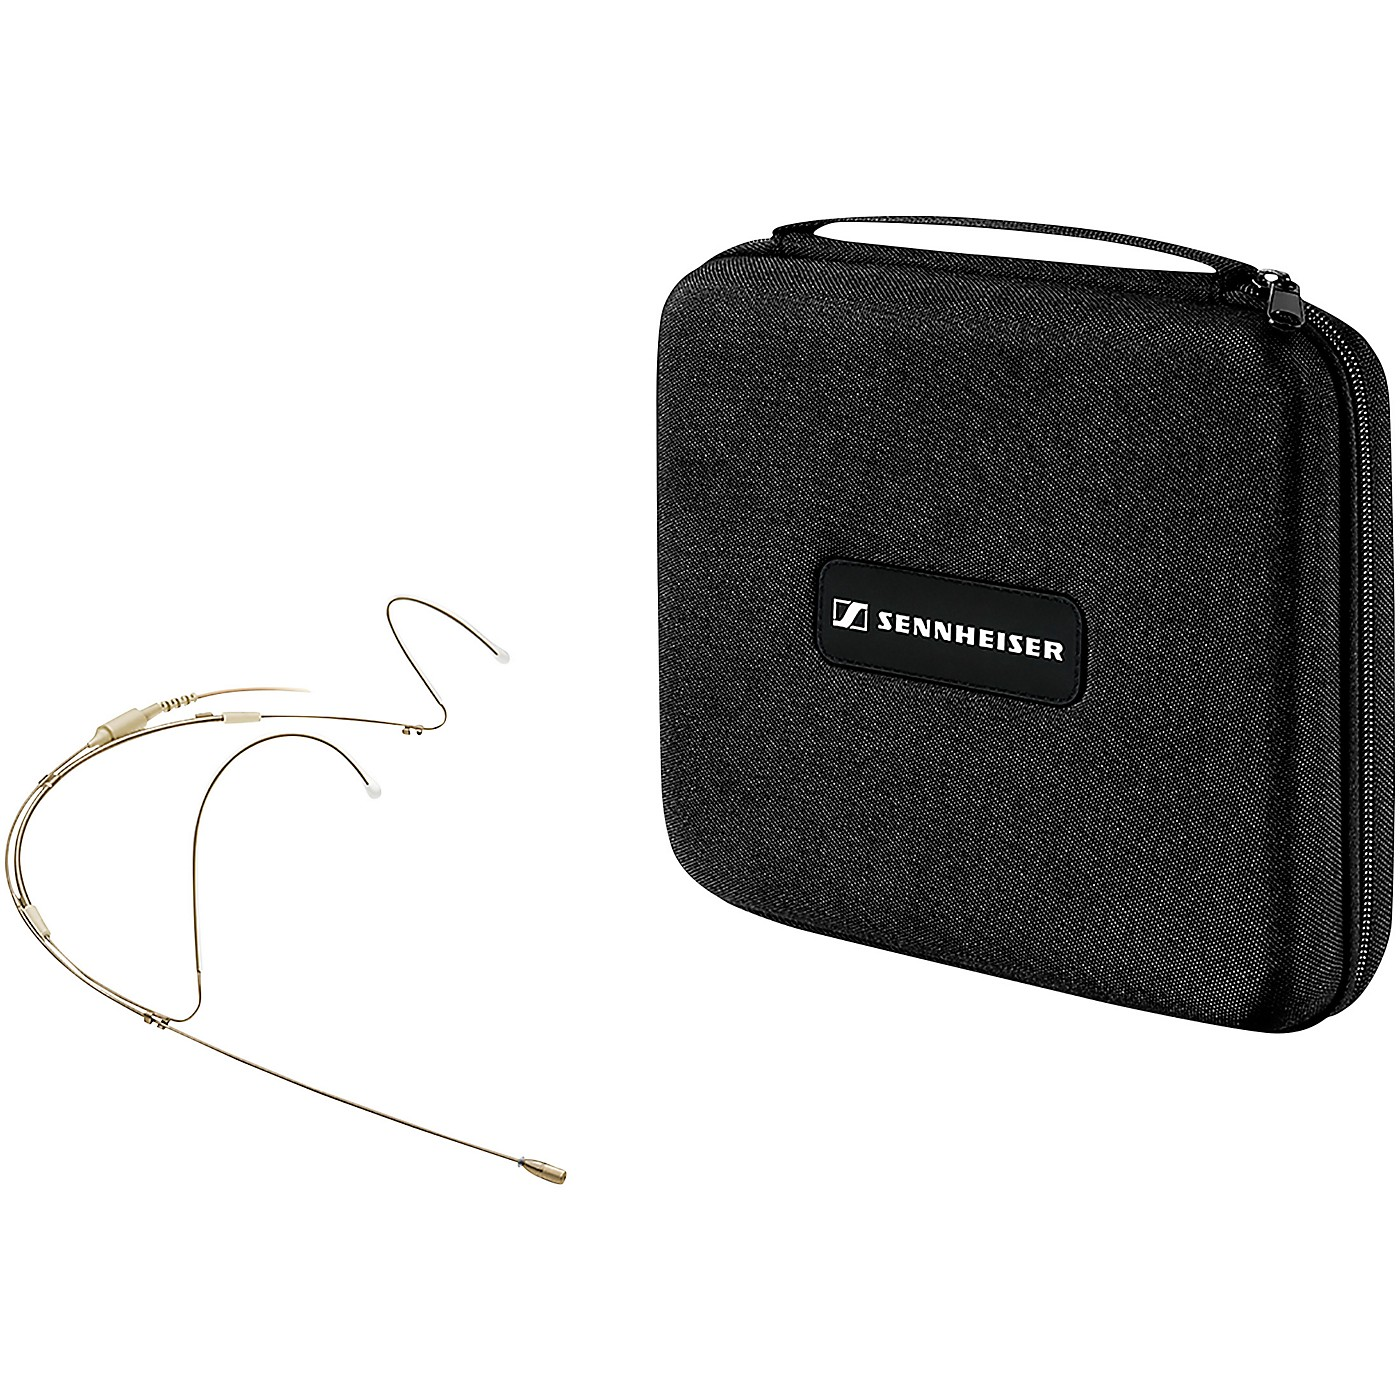 Sennheiser SL HEADMIC 1 -4 BE Neckband Omni Microphone thumbnail